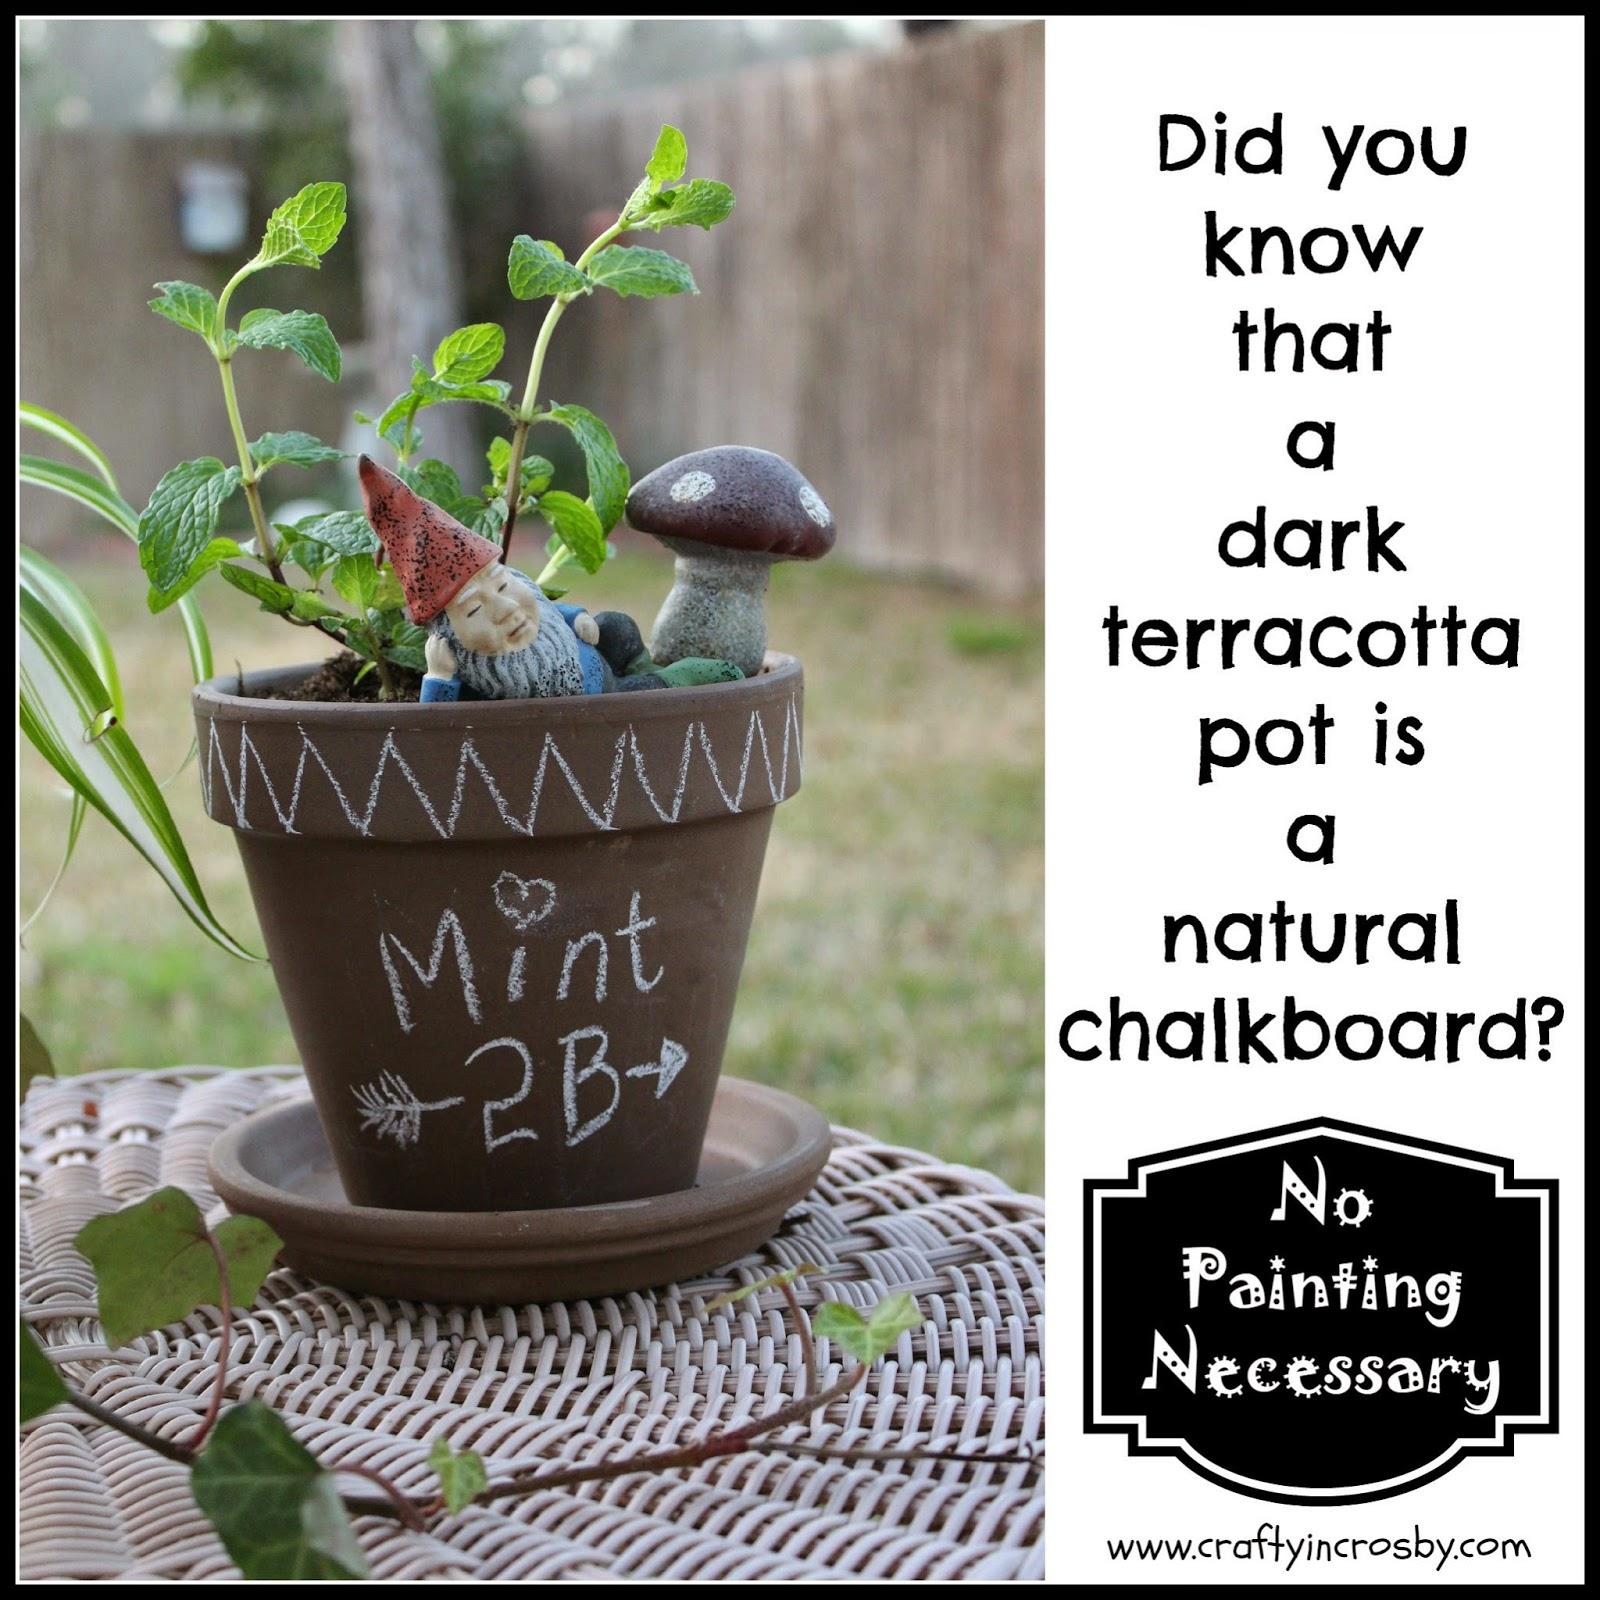 chalkboard, terracotta pot, no paint chalkboard